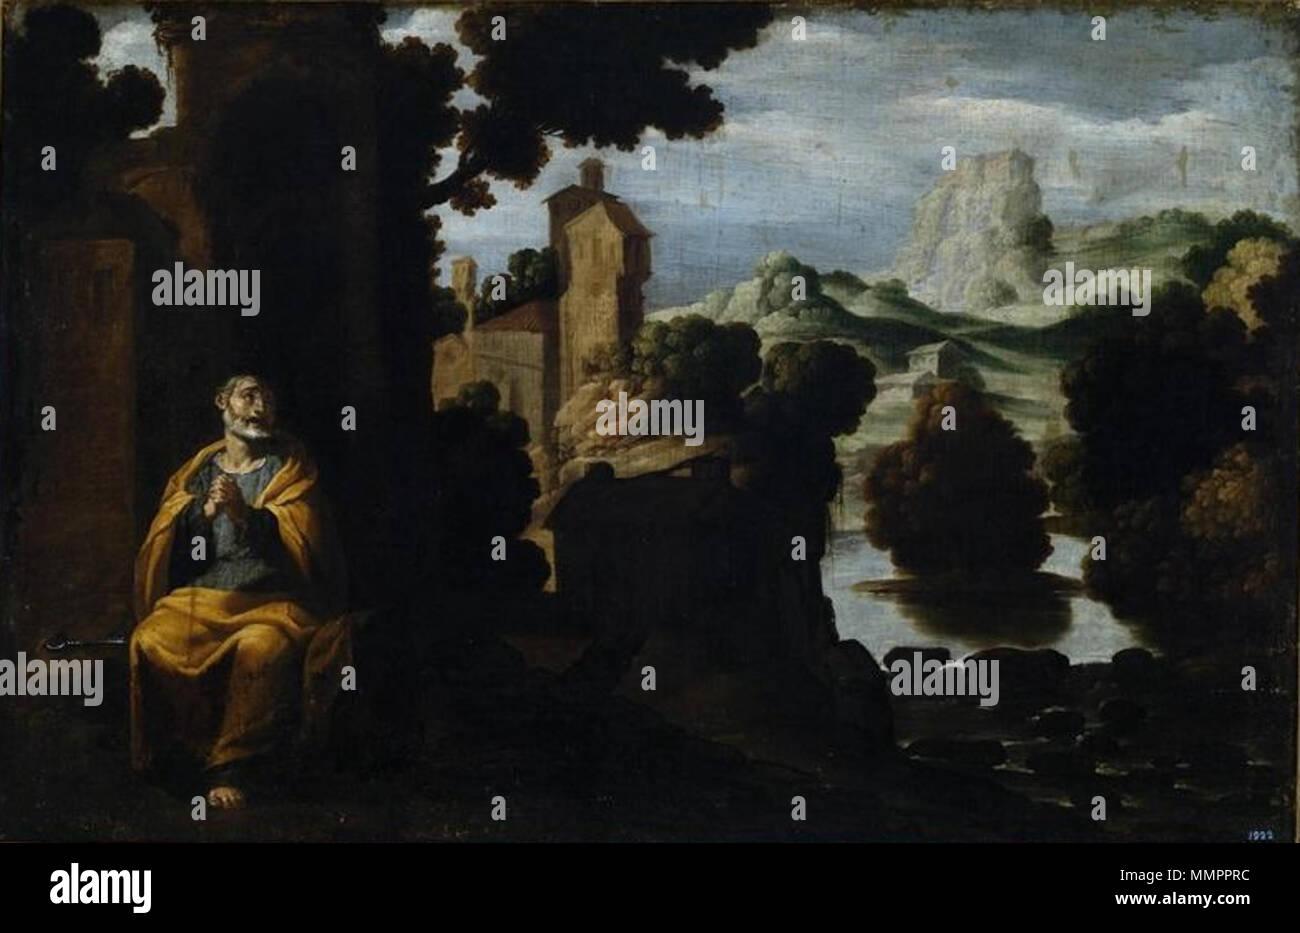 Arrepentimiento de San Pedro, de Francisco Collantes (Museo de Bellas Artes de La Coruña) - Stock Image